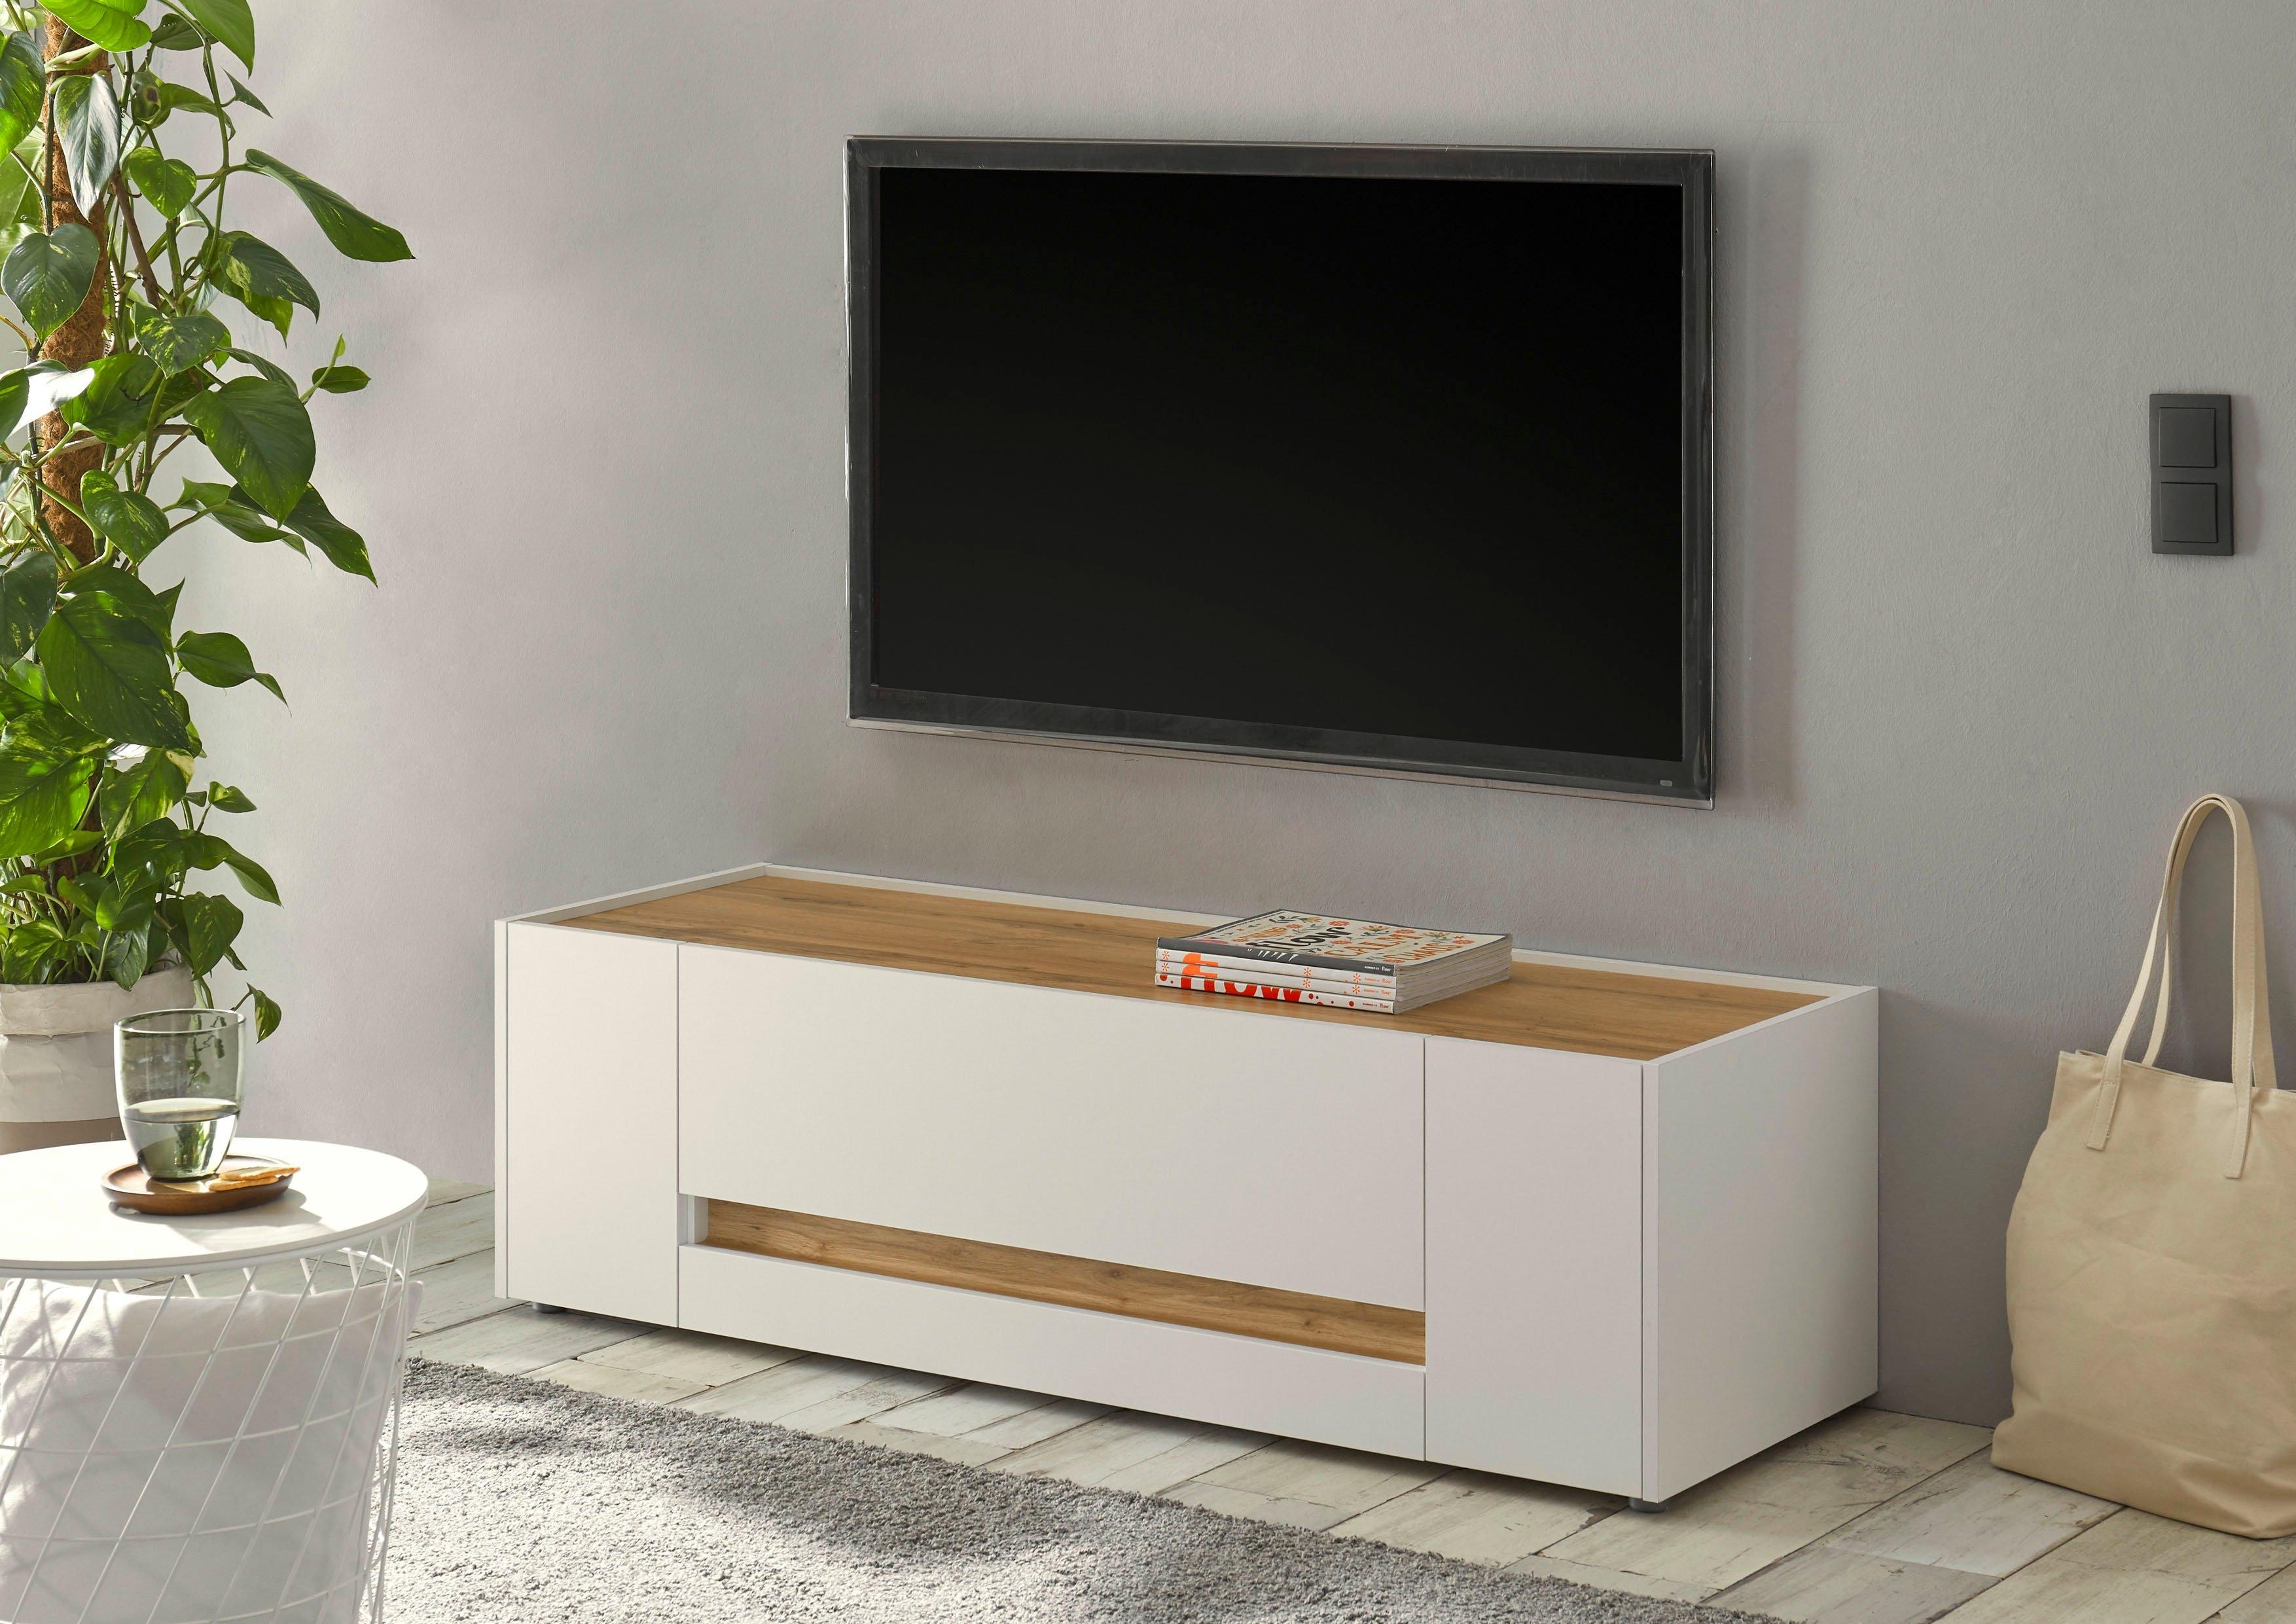 INOSIGN tv-meubel CiTY tv-meubel 30 in modern design goedkoop op otto.nl kopen